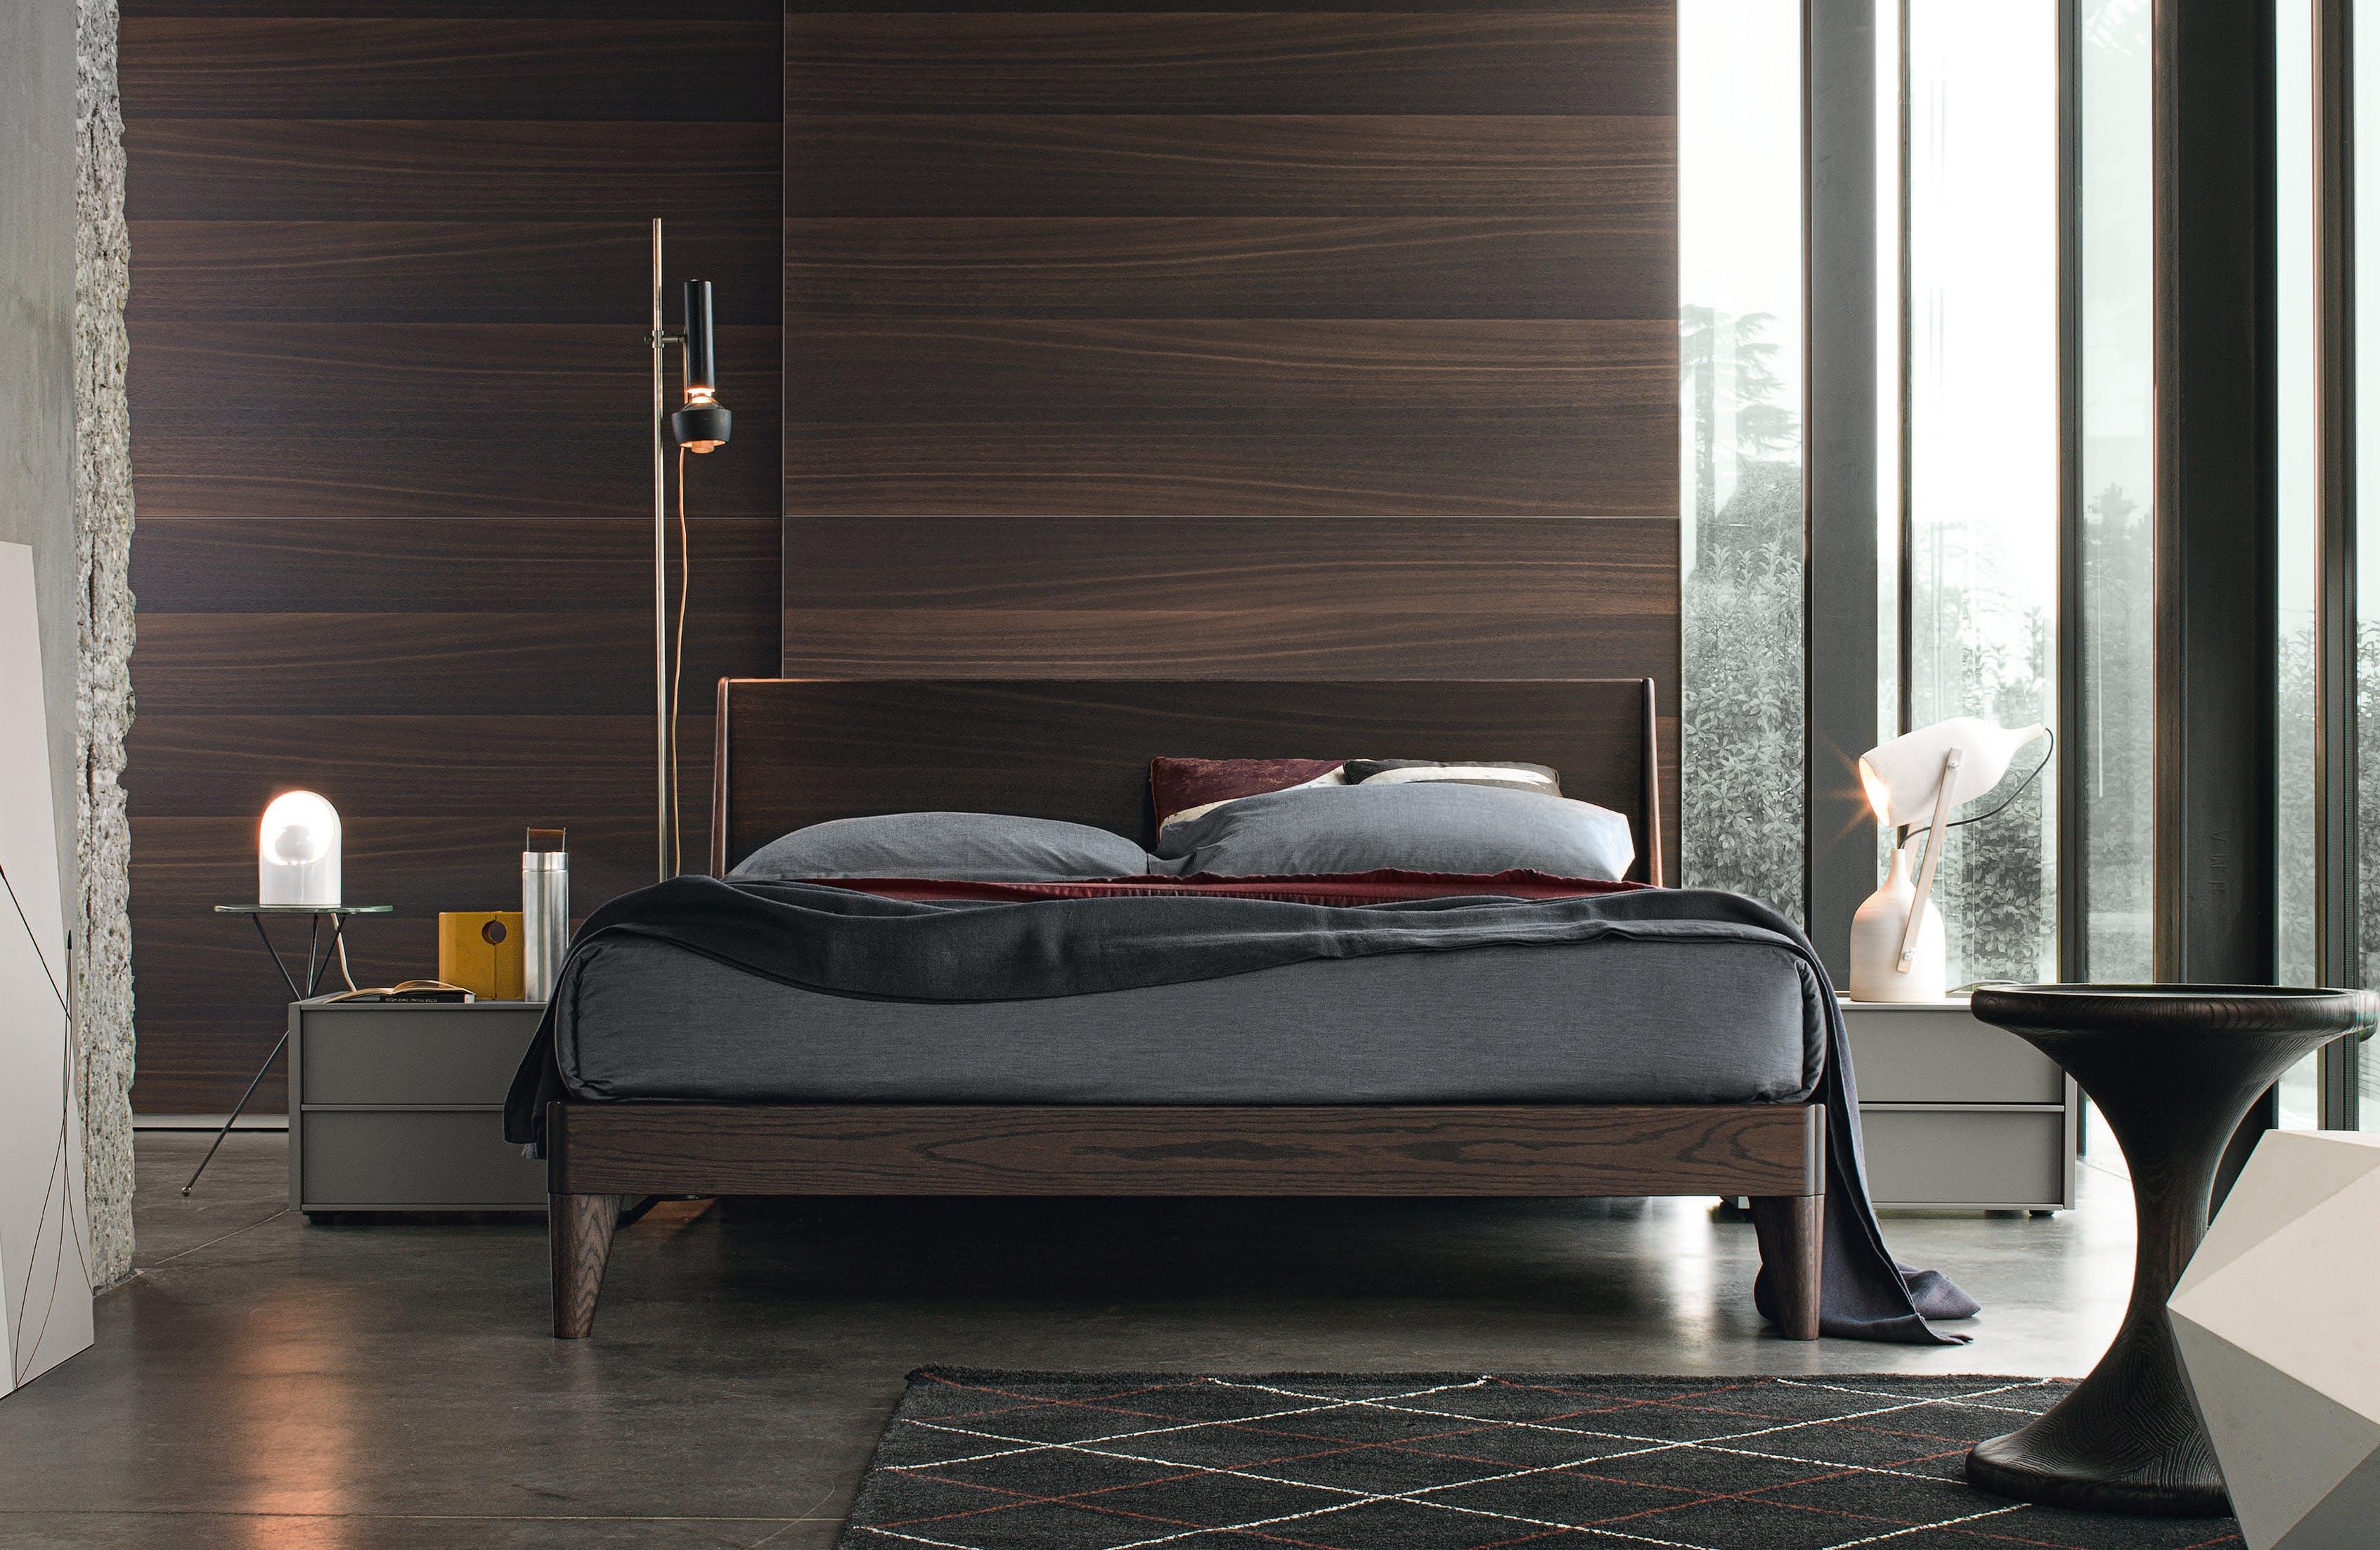 Giellesse Clark Bed Full Front Haute Living